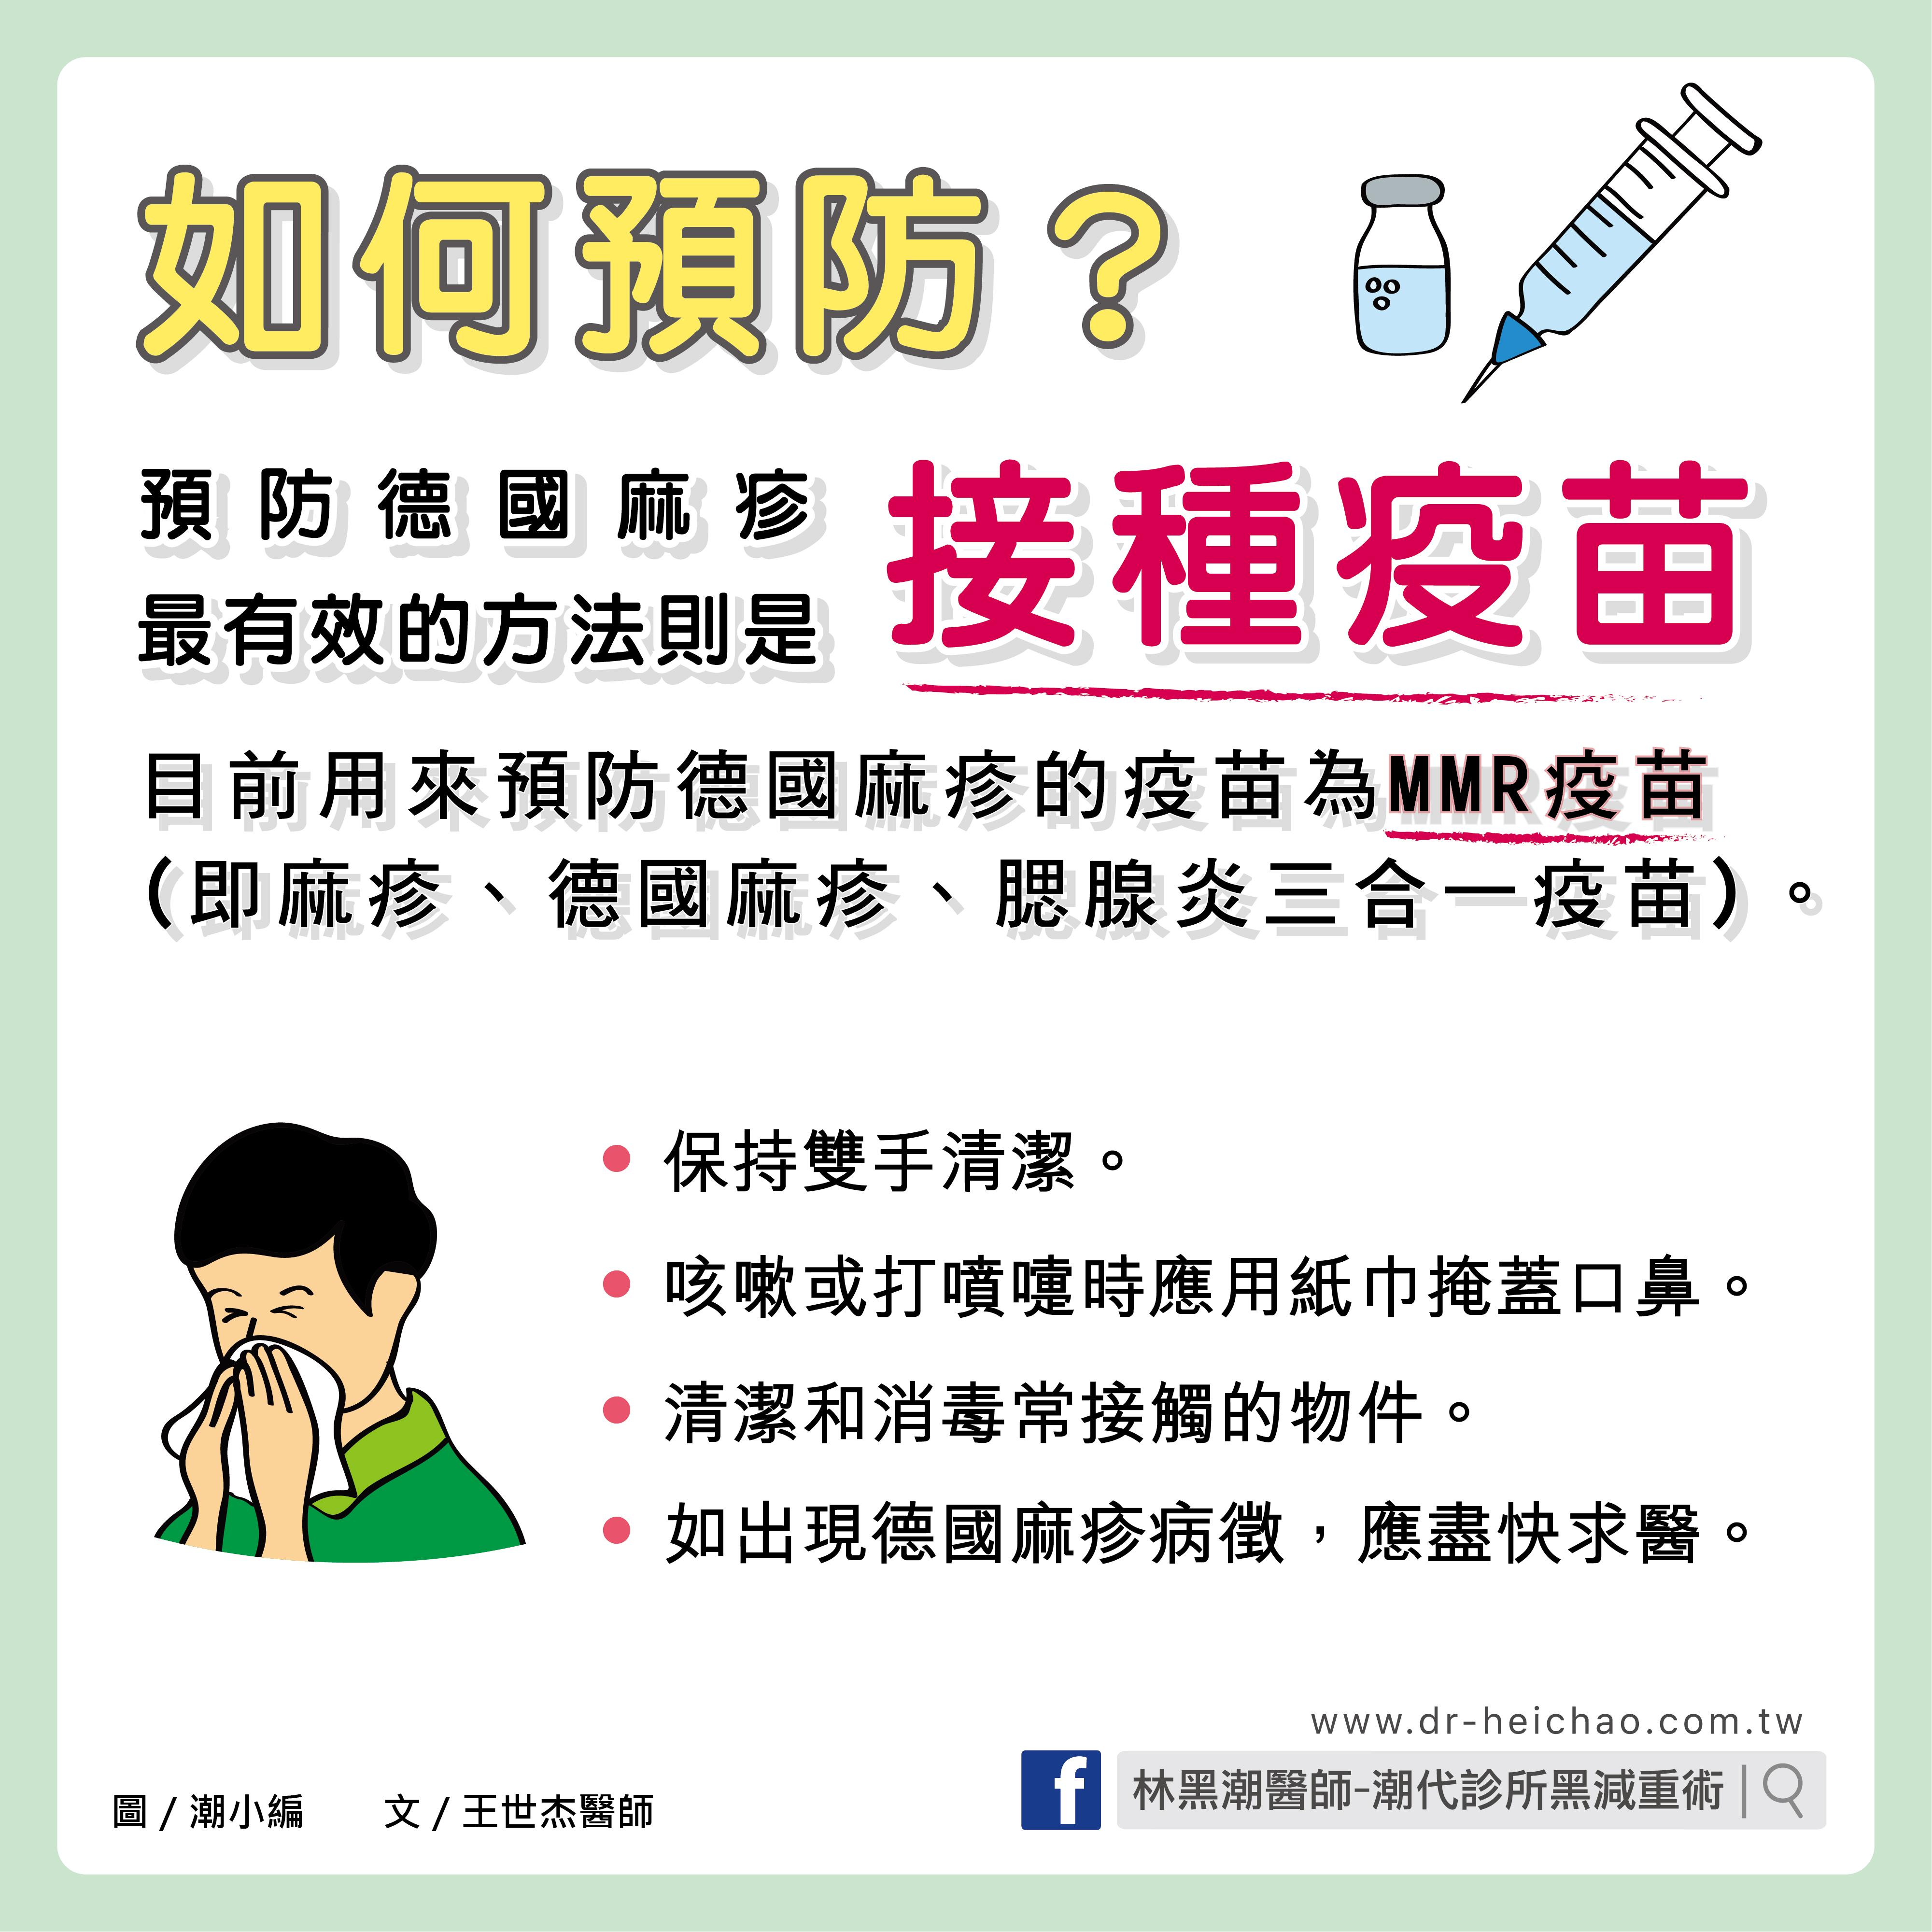 德國麻疹/文:王世杰醫師